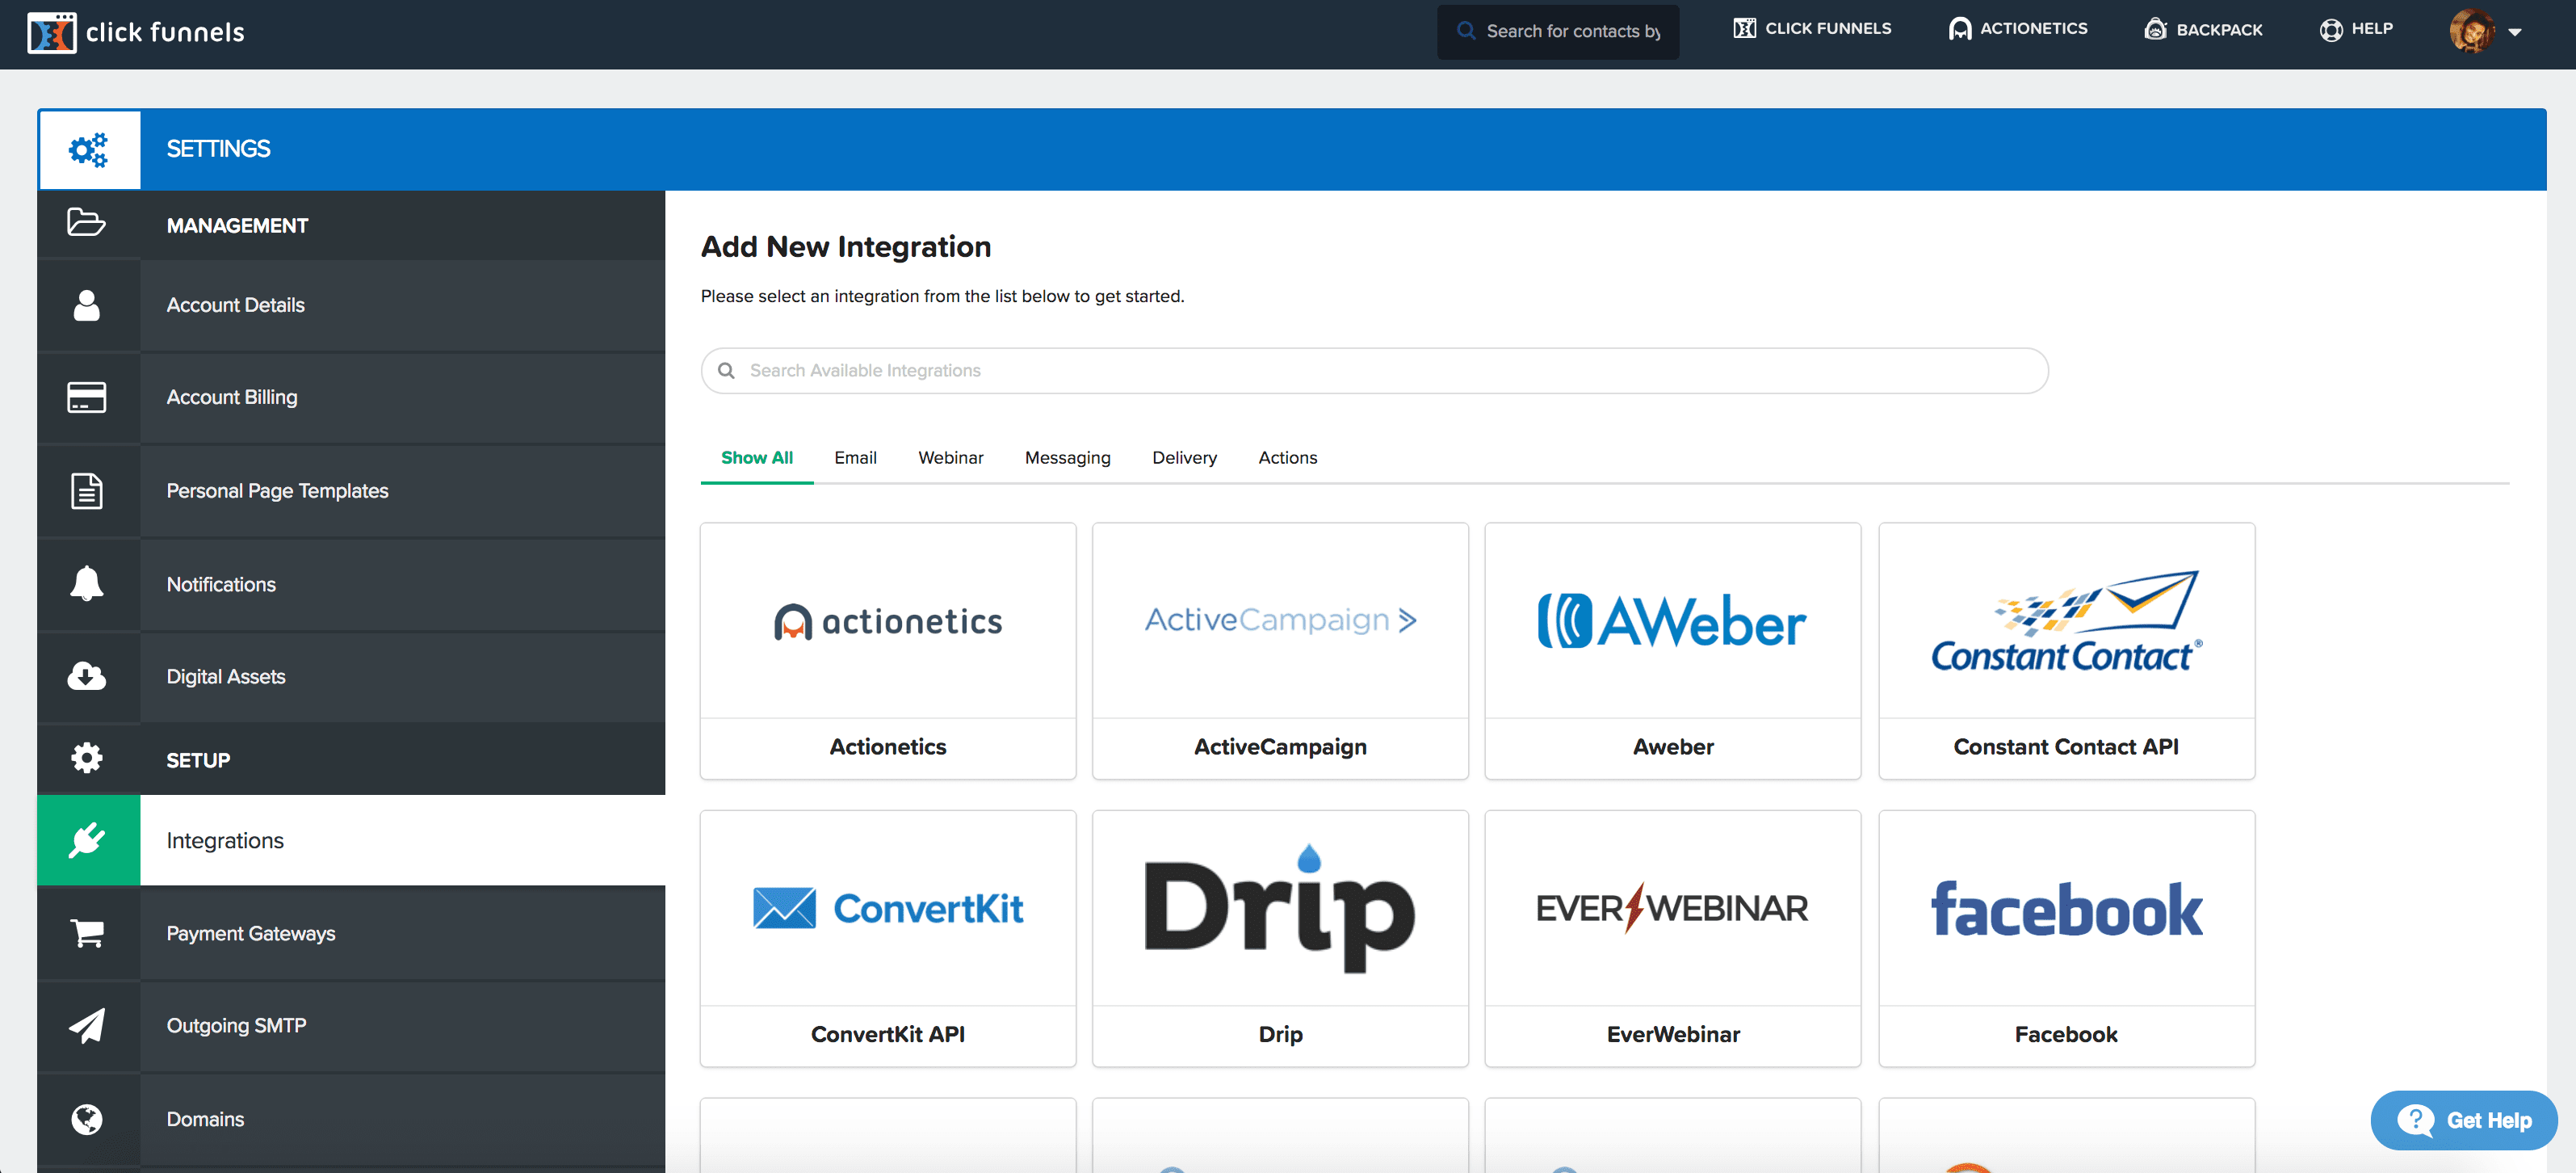 Clickfunnels integrations